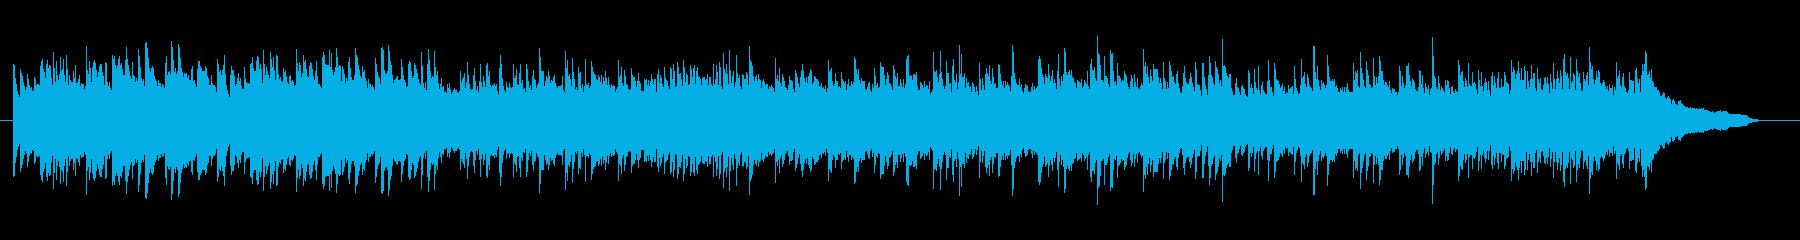 ピアノ曲です。静かなシーンに。の再生済みの波形